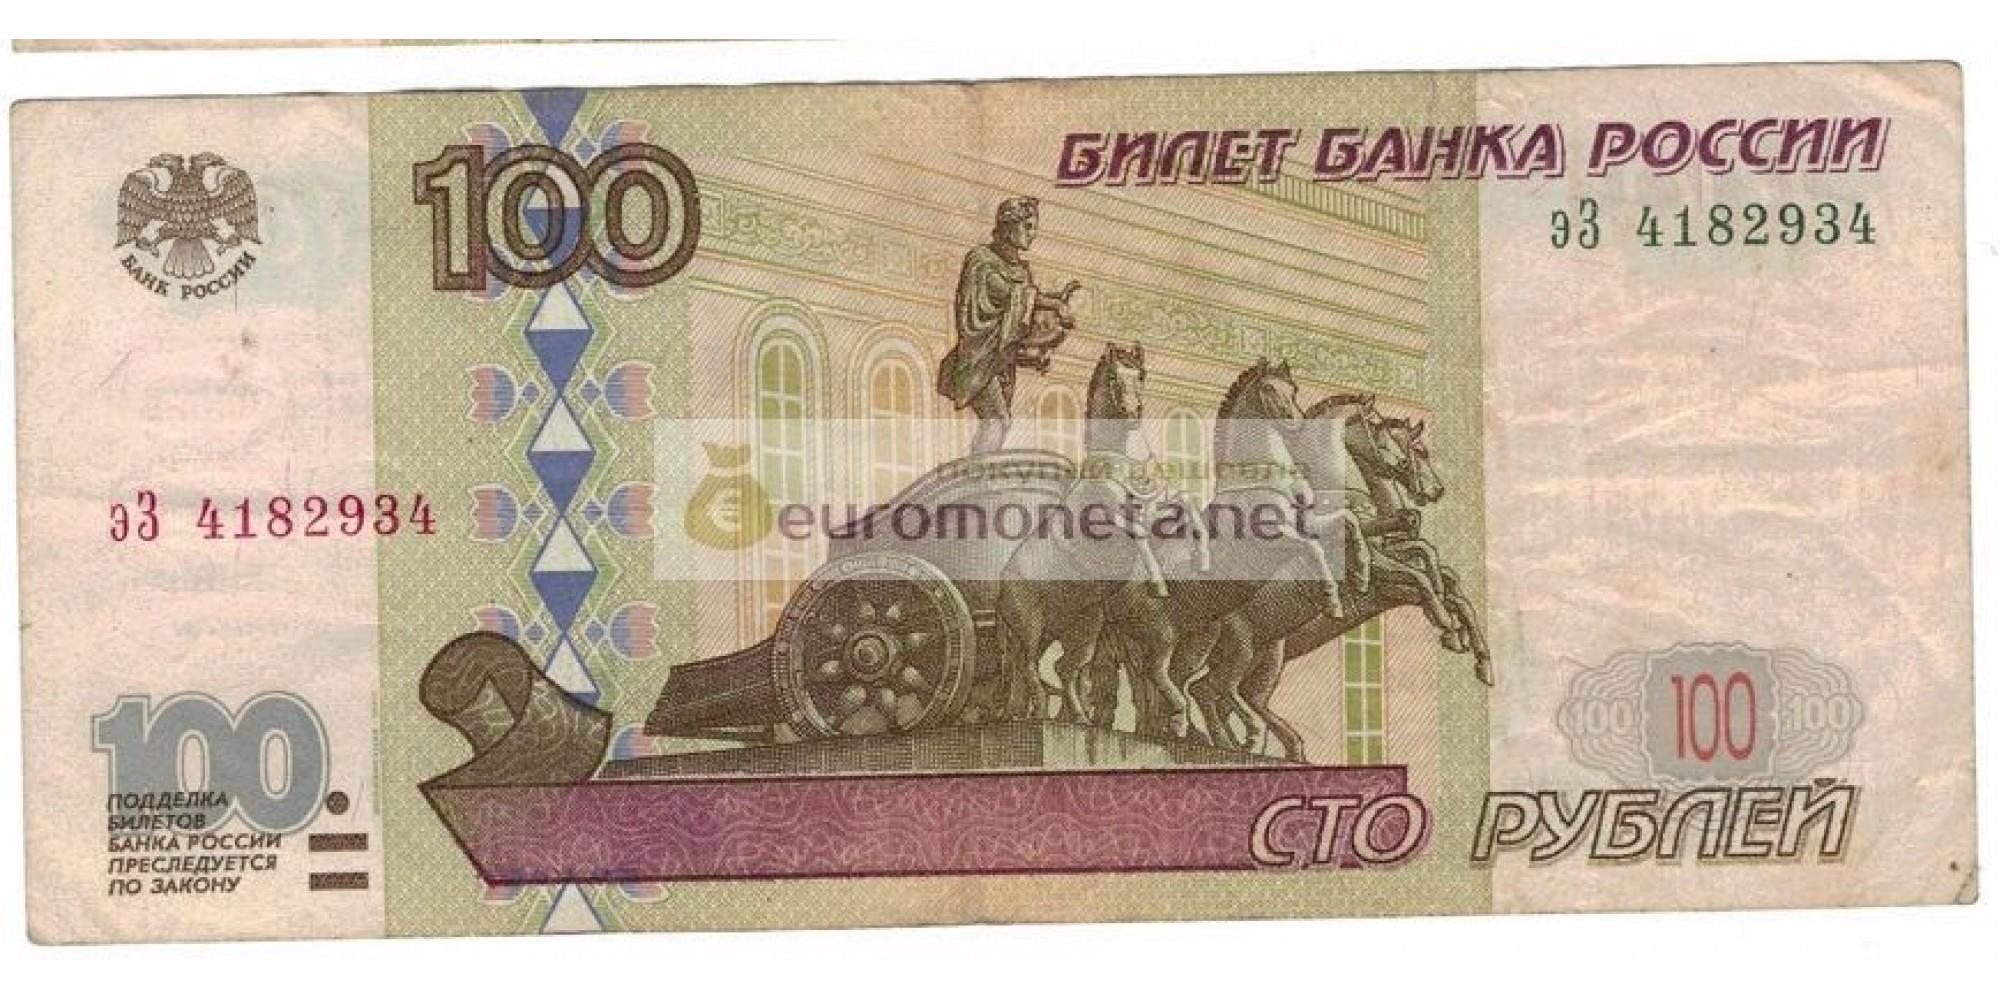 Россия 100 рублей 1997 год модификация 2001 год серия эЗ 4182934